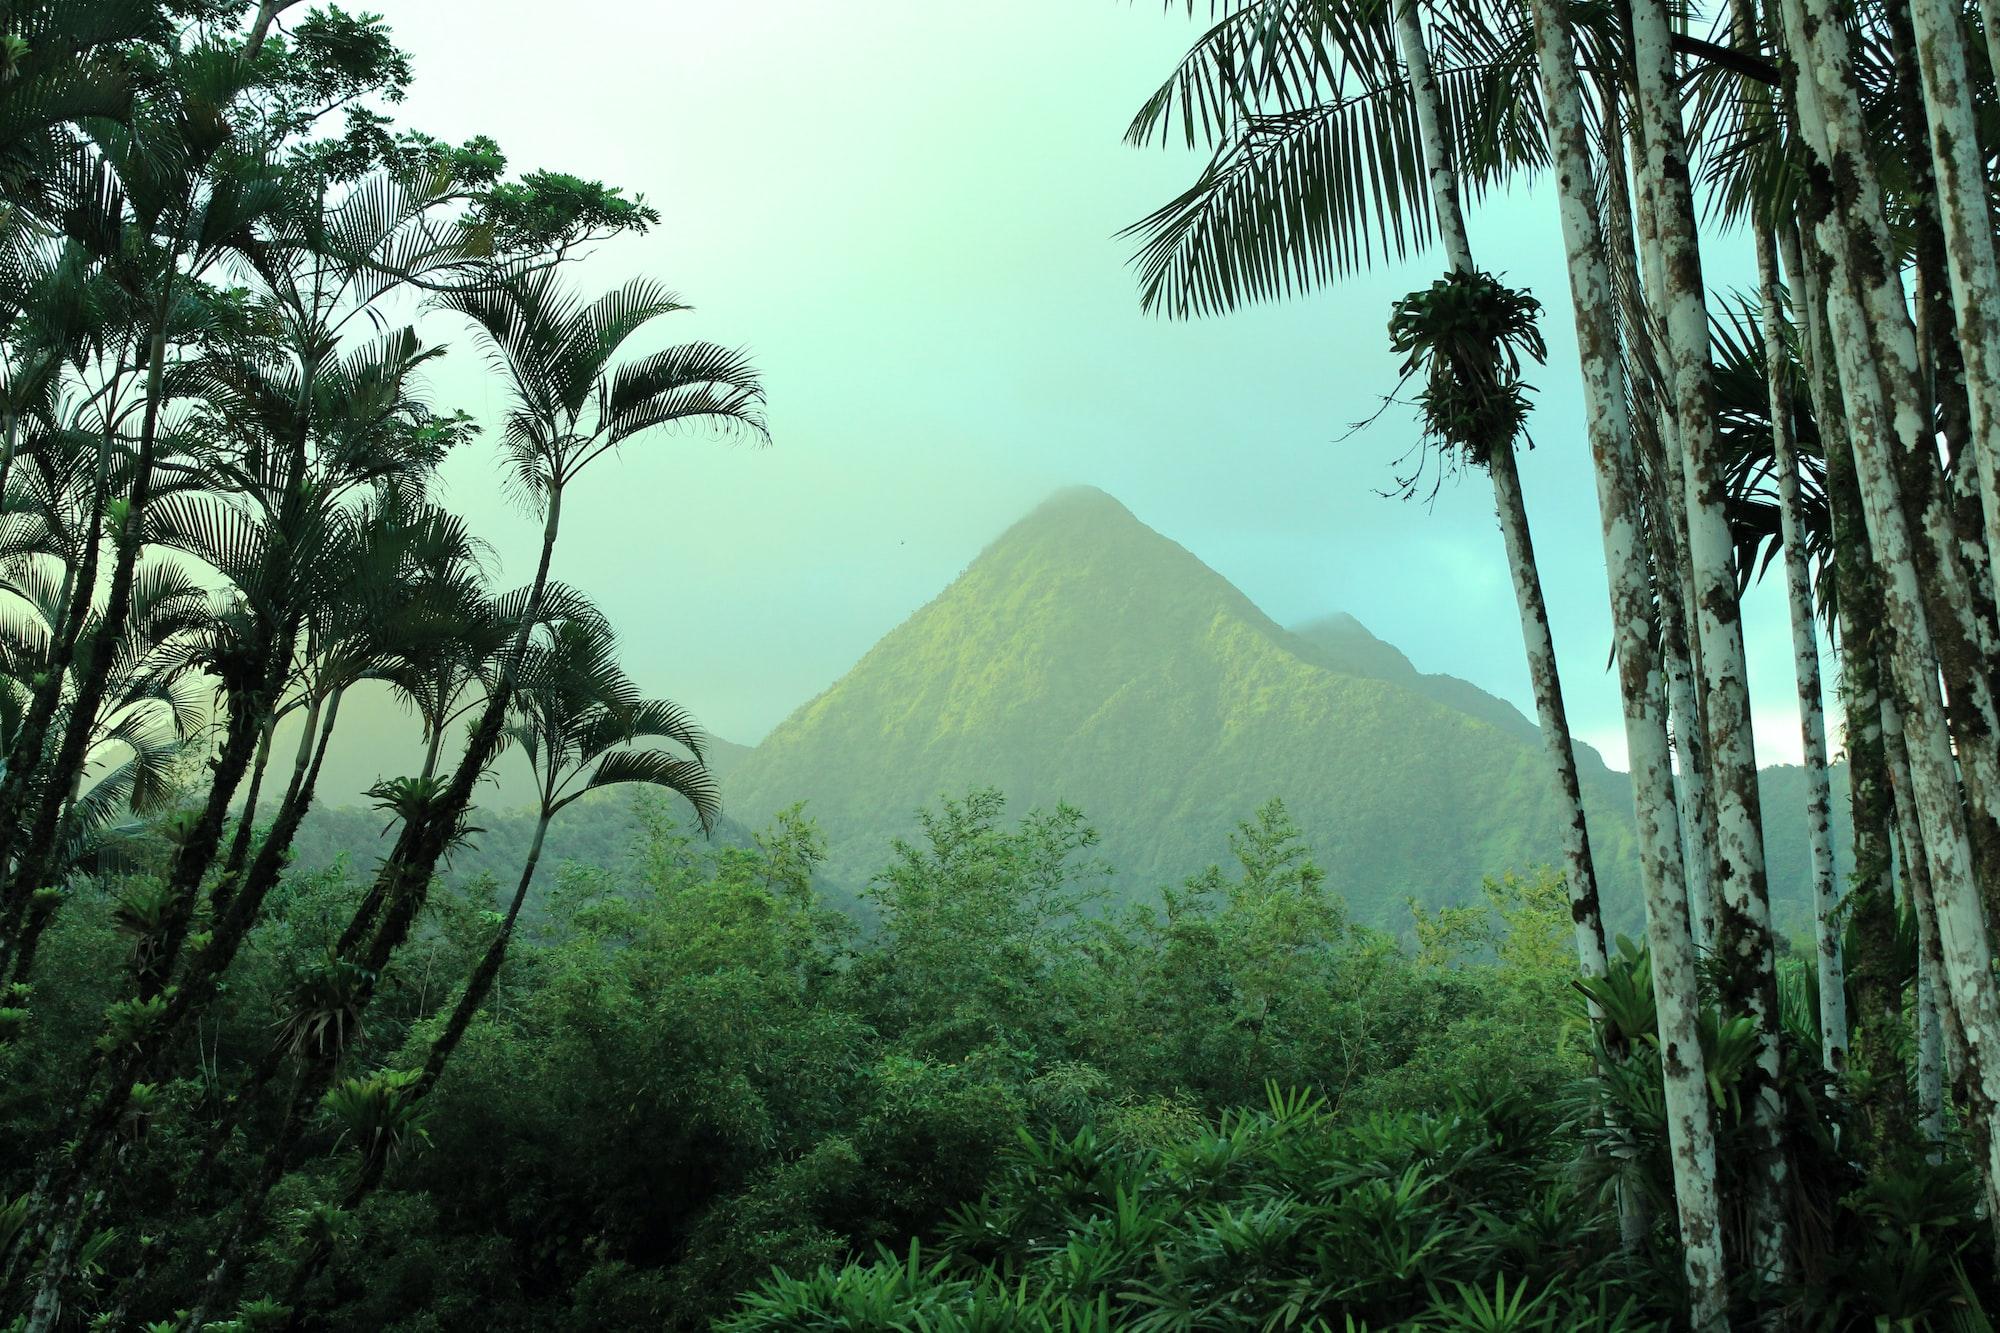 Palmiers et montagnes dans le jardin de Balata en Martinique